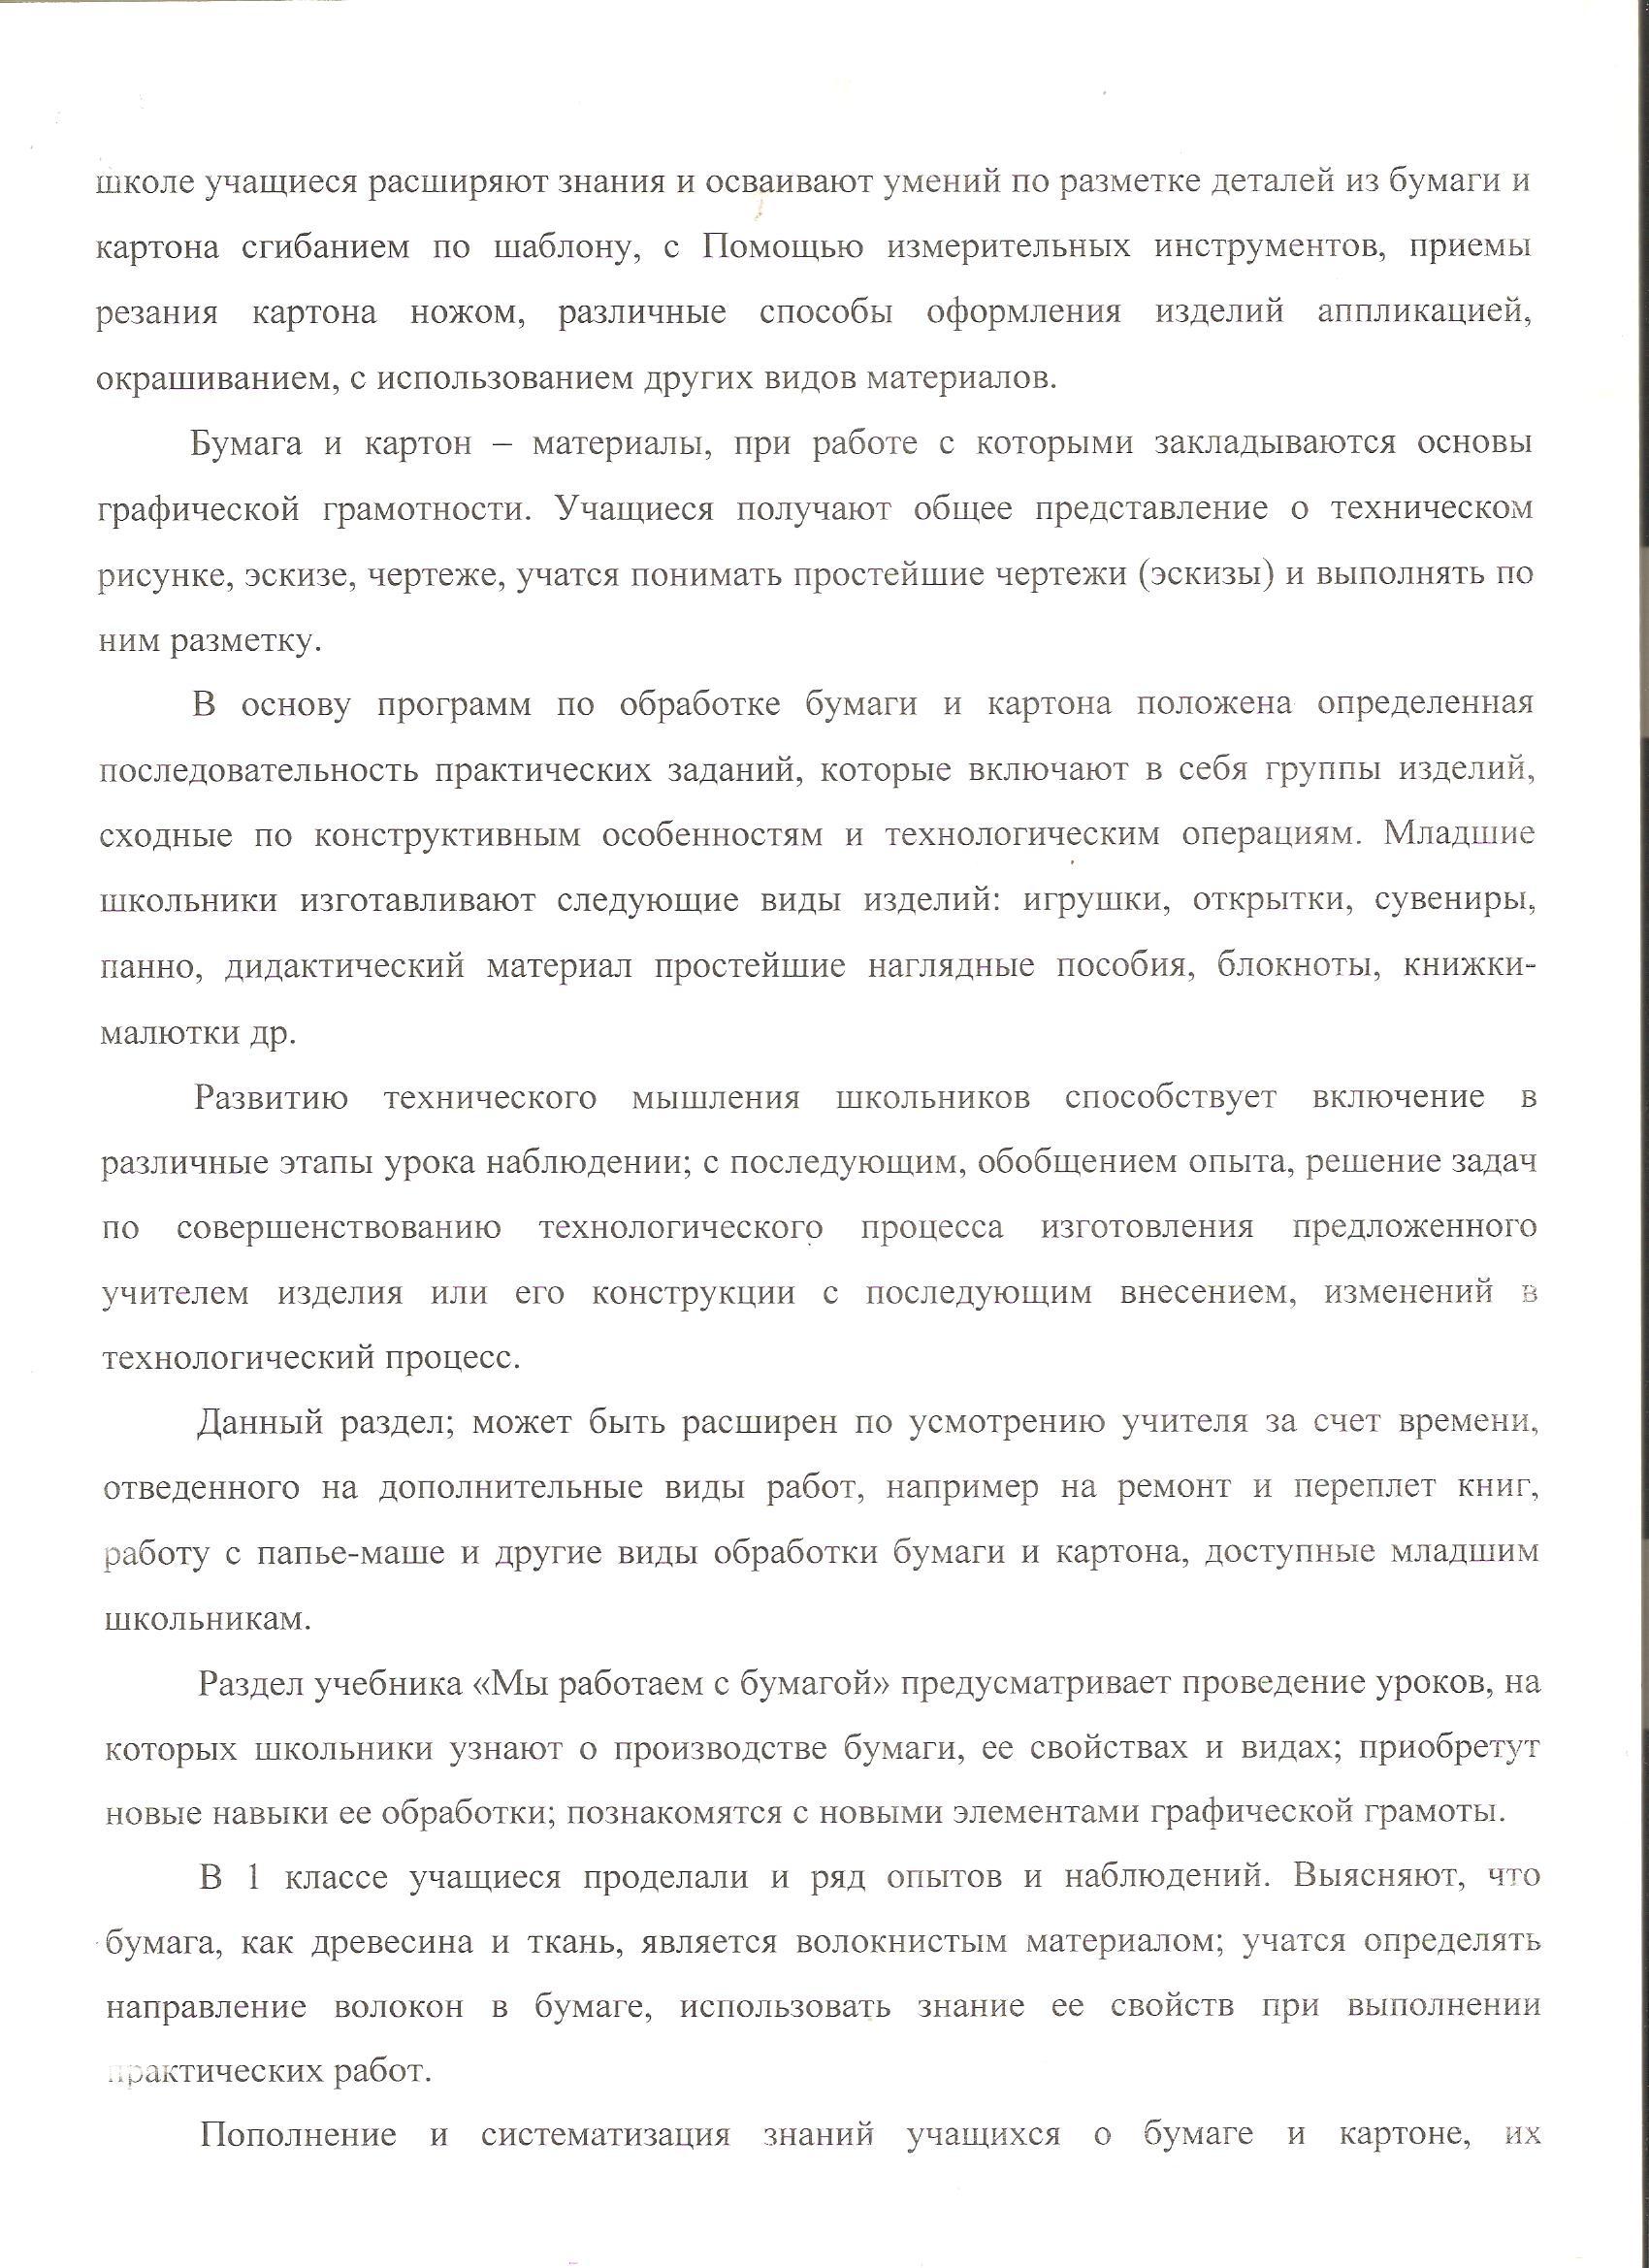 C:\Users\Люда\Pictures\2016-01-03 1\1 009.jpg